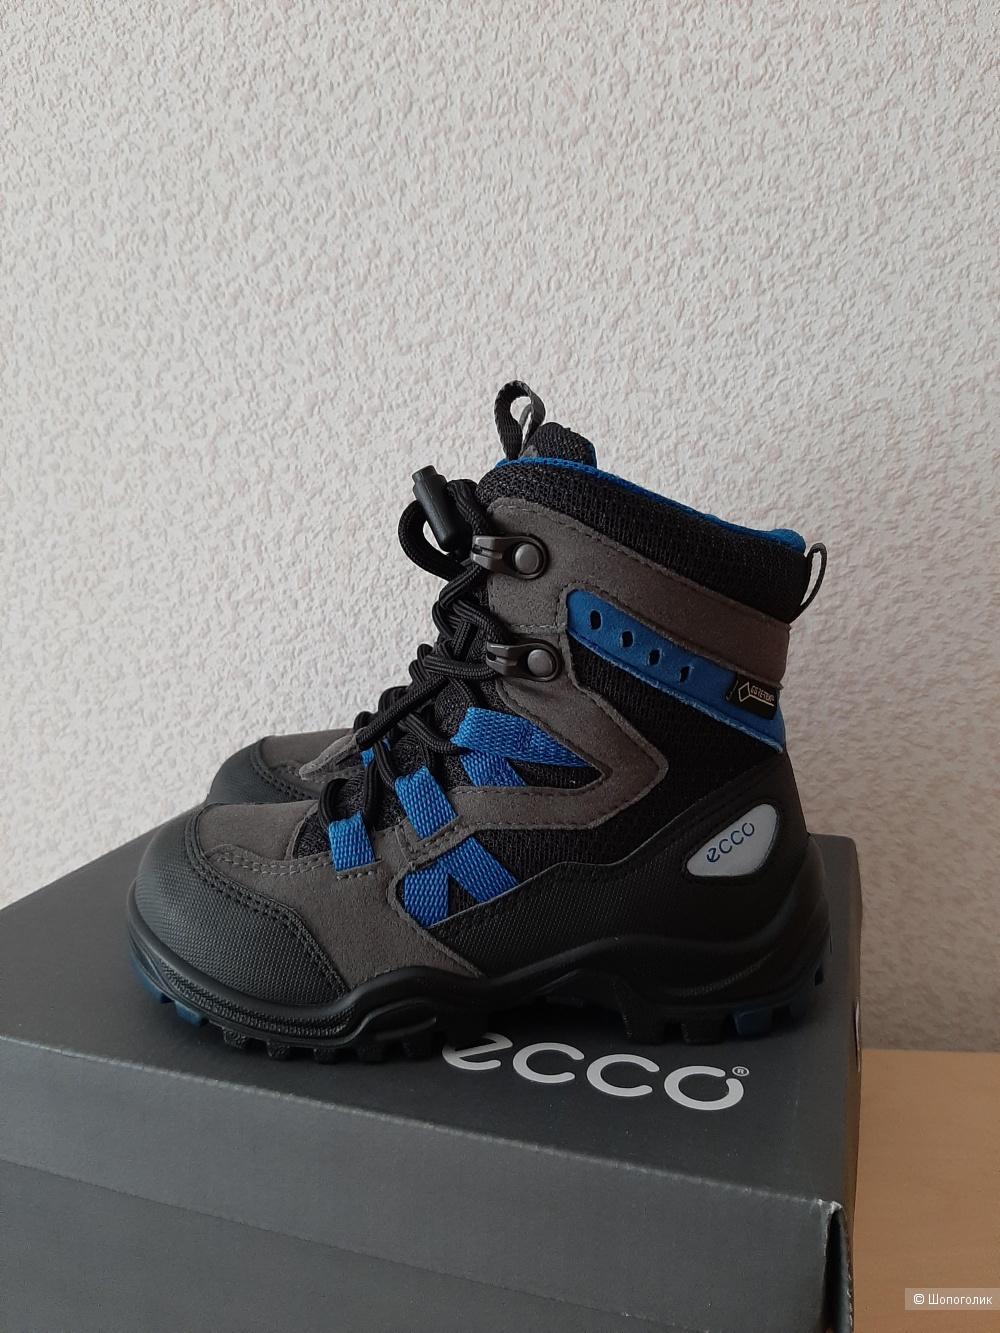 Ботинки Ecco размер 27, 28